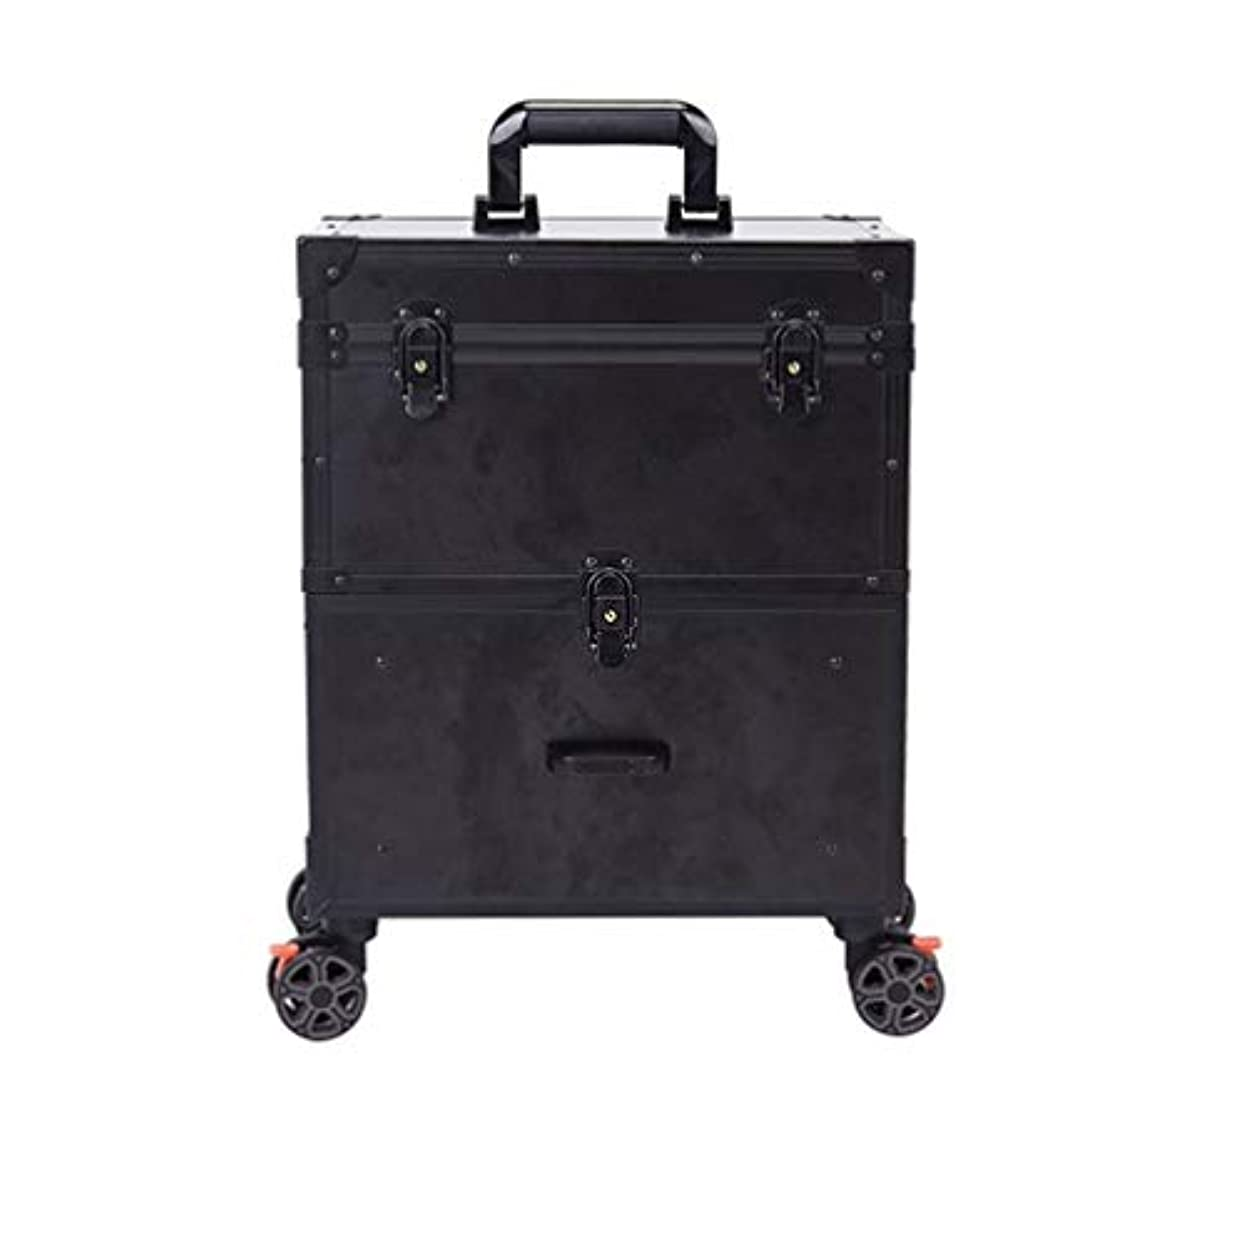 ソートメイン活気づくトロリーケース メイクボックス プロ用 化粧品収納 大容量 キャスター 手提げ付き 持ち運び便利 出張 鍵付き 大容量 美容師用 アウトドア撮影用 ポケット